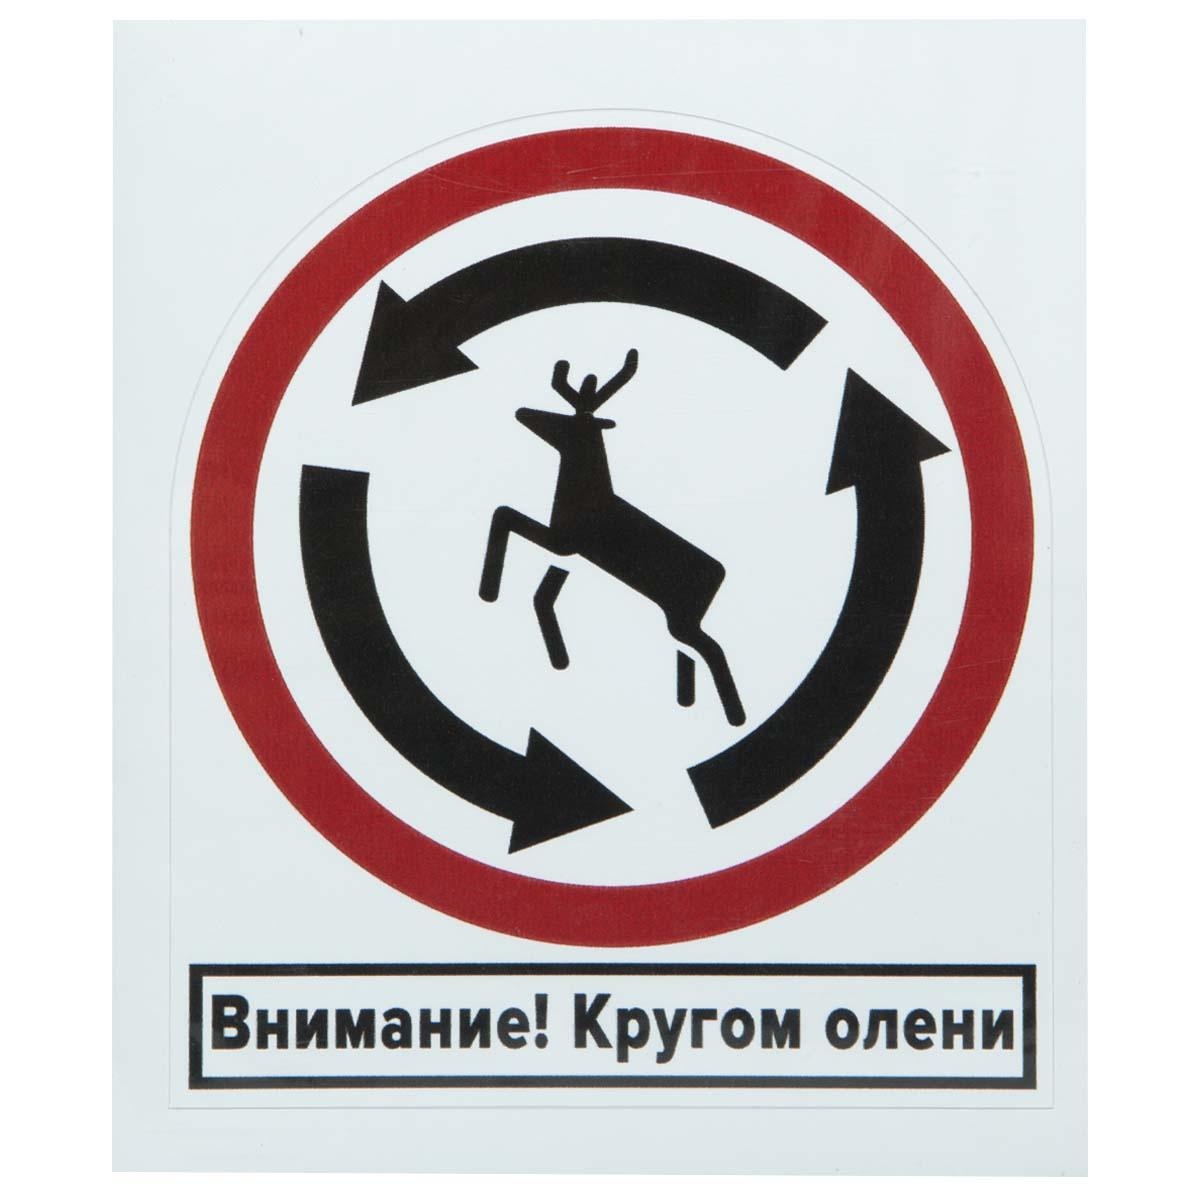 Наклейка на автомобиль Внимание! Кругом олени виниловая 9,5х11 для автомобиля или на автомобиль